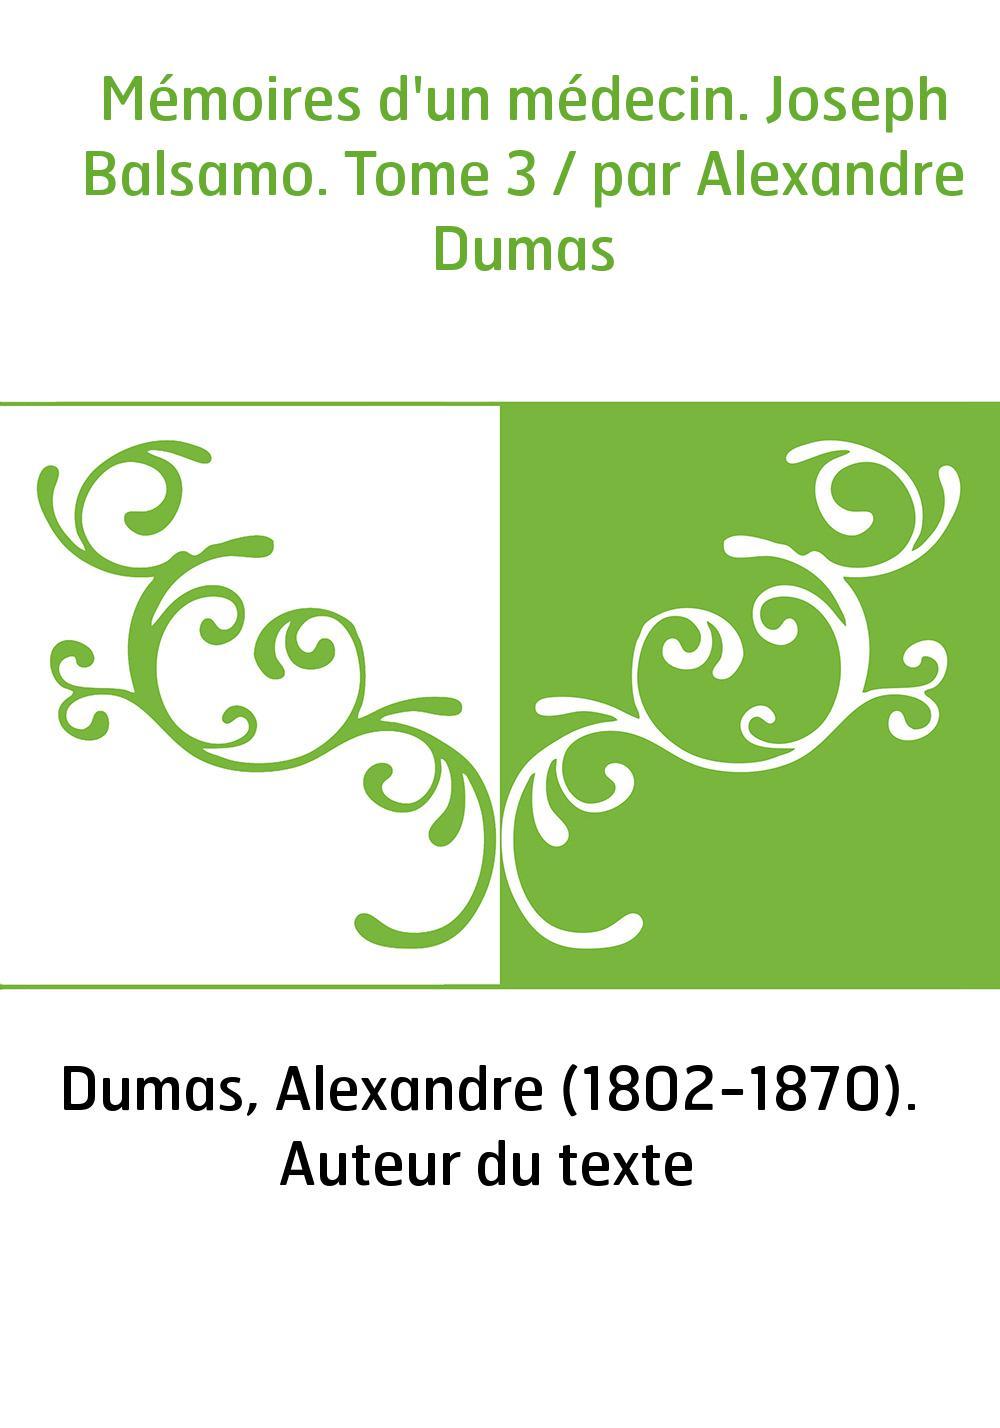 Mémoires d'un médecin. Joseph Balsamo. Tome 3 / par Alexandre Dumas